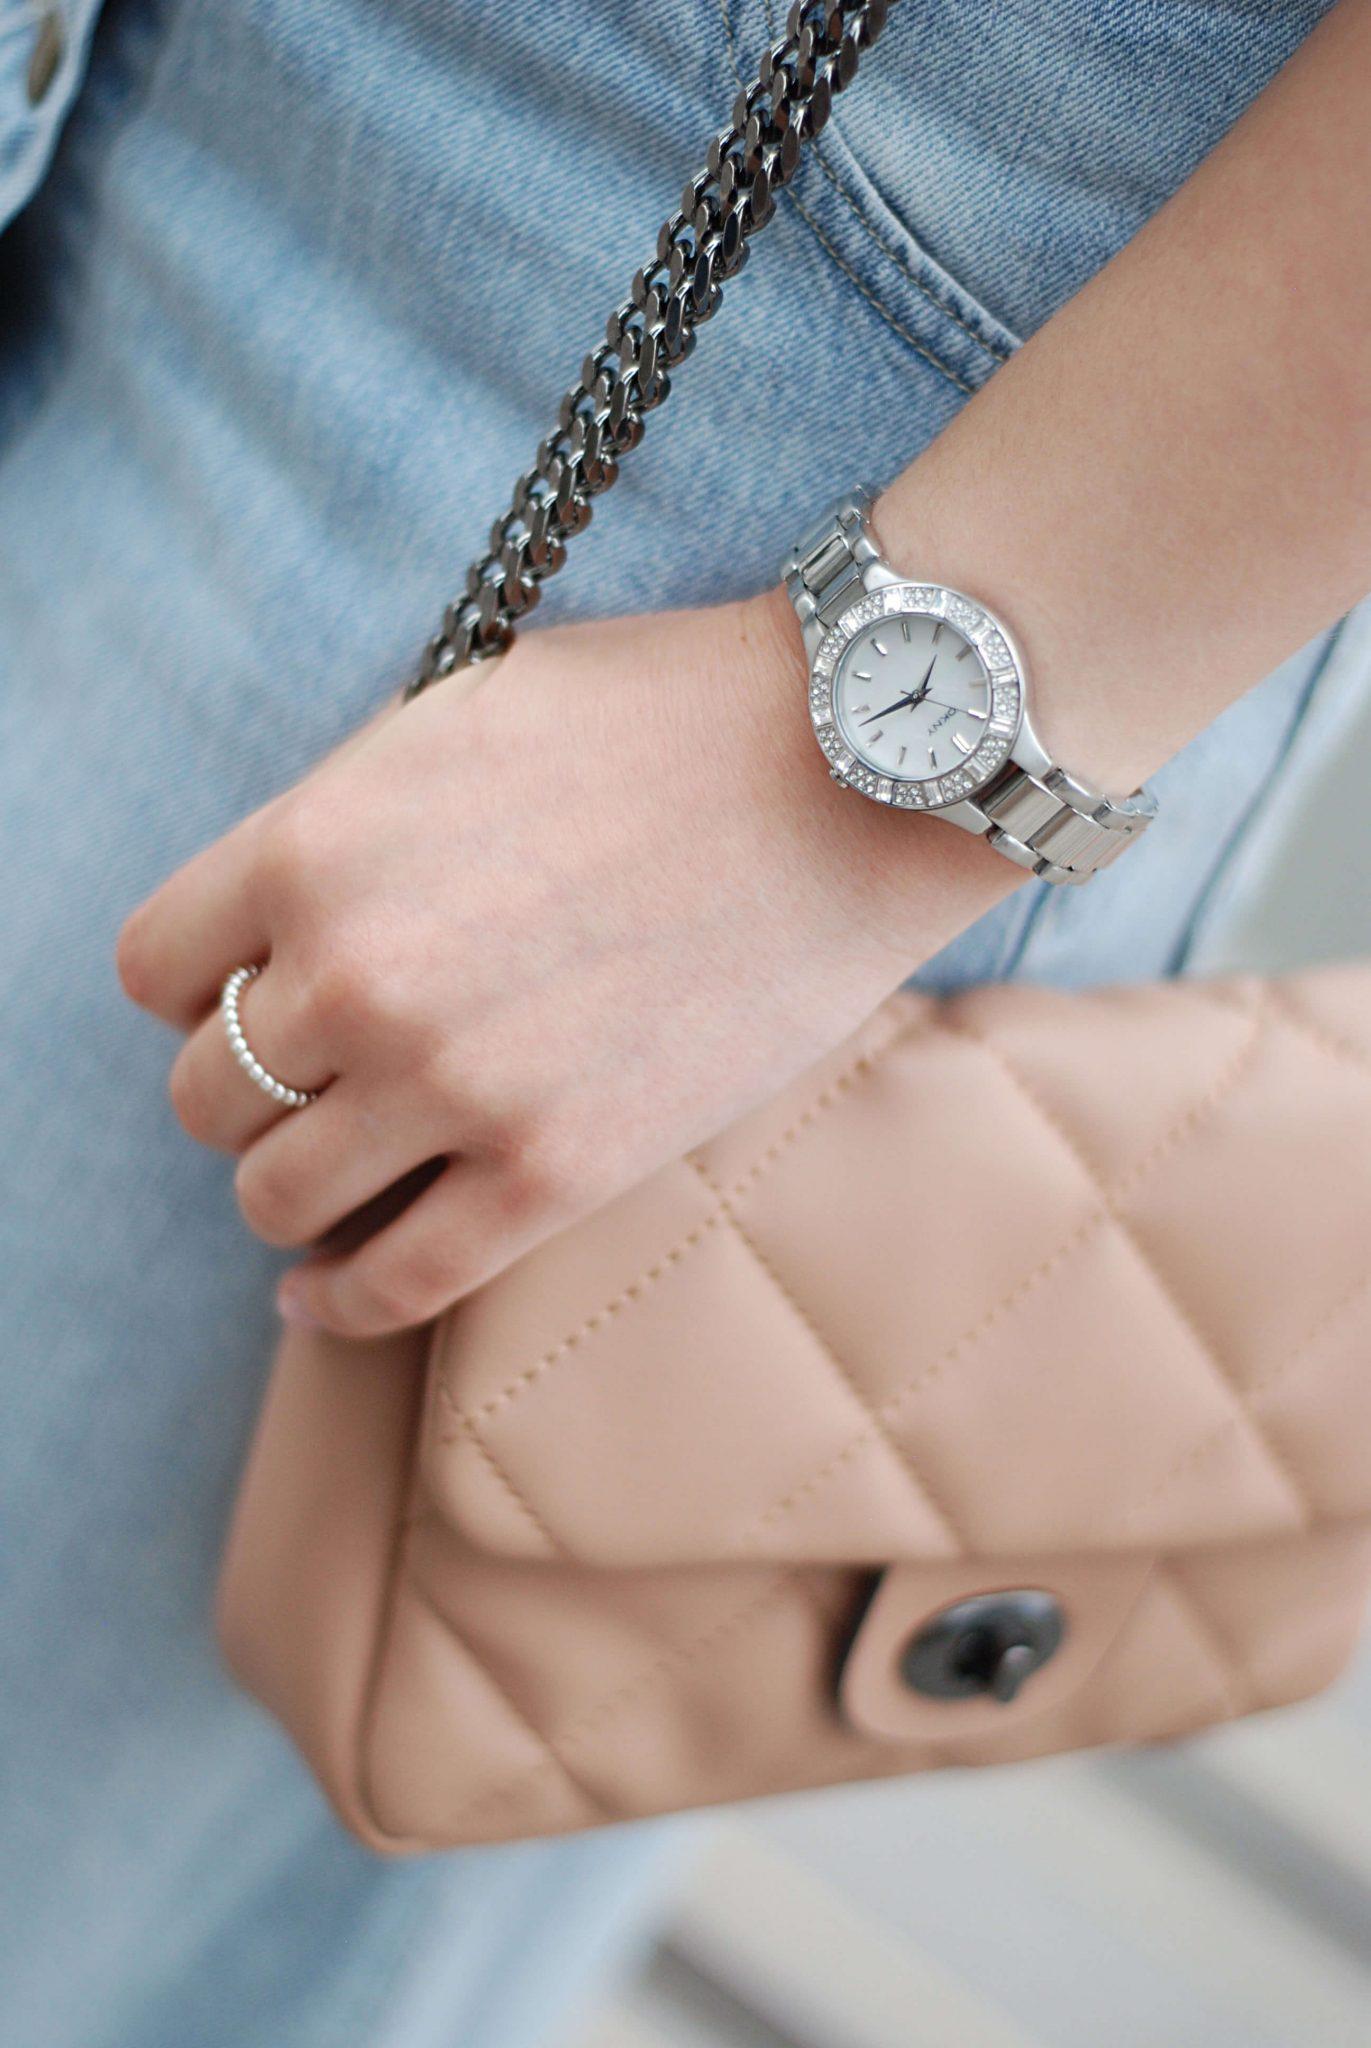 DKNY-watch